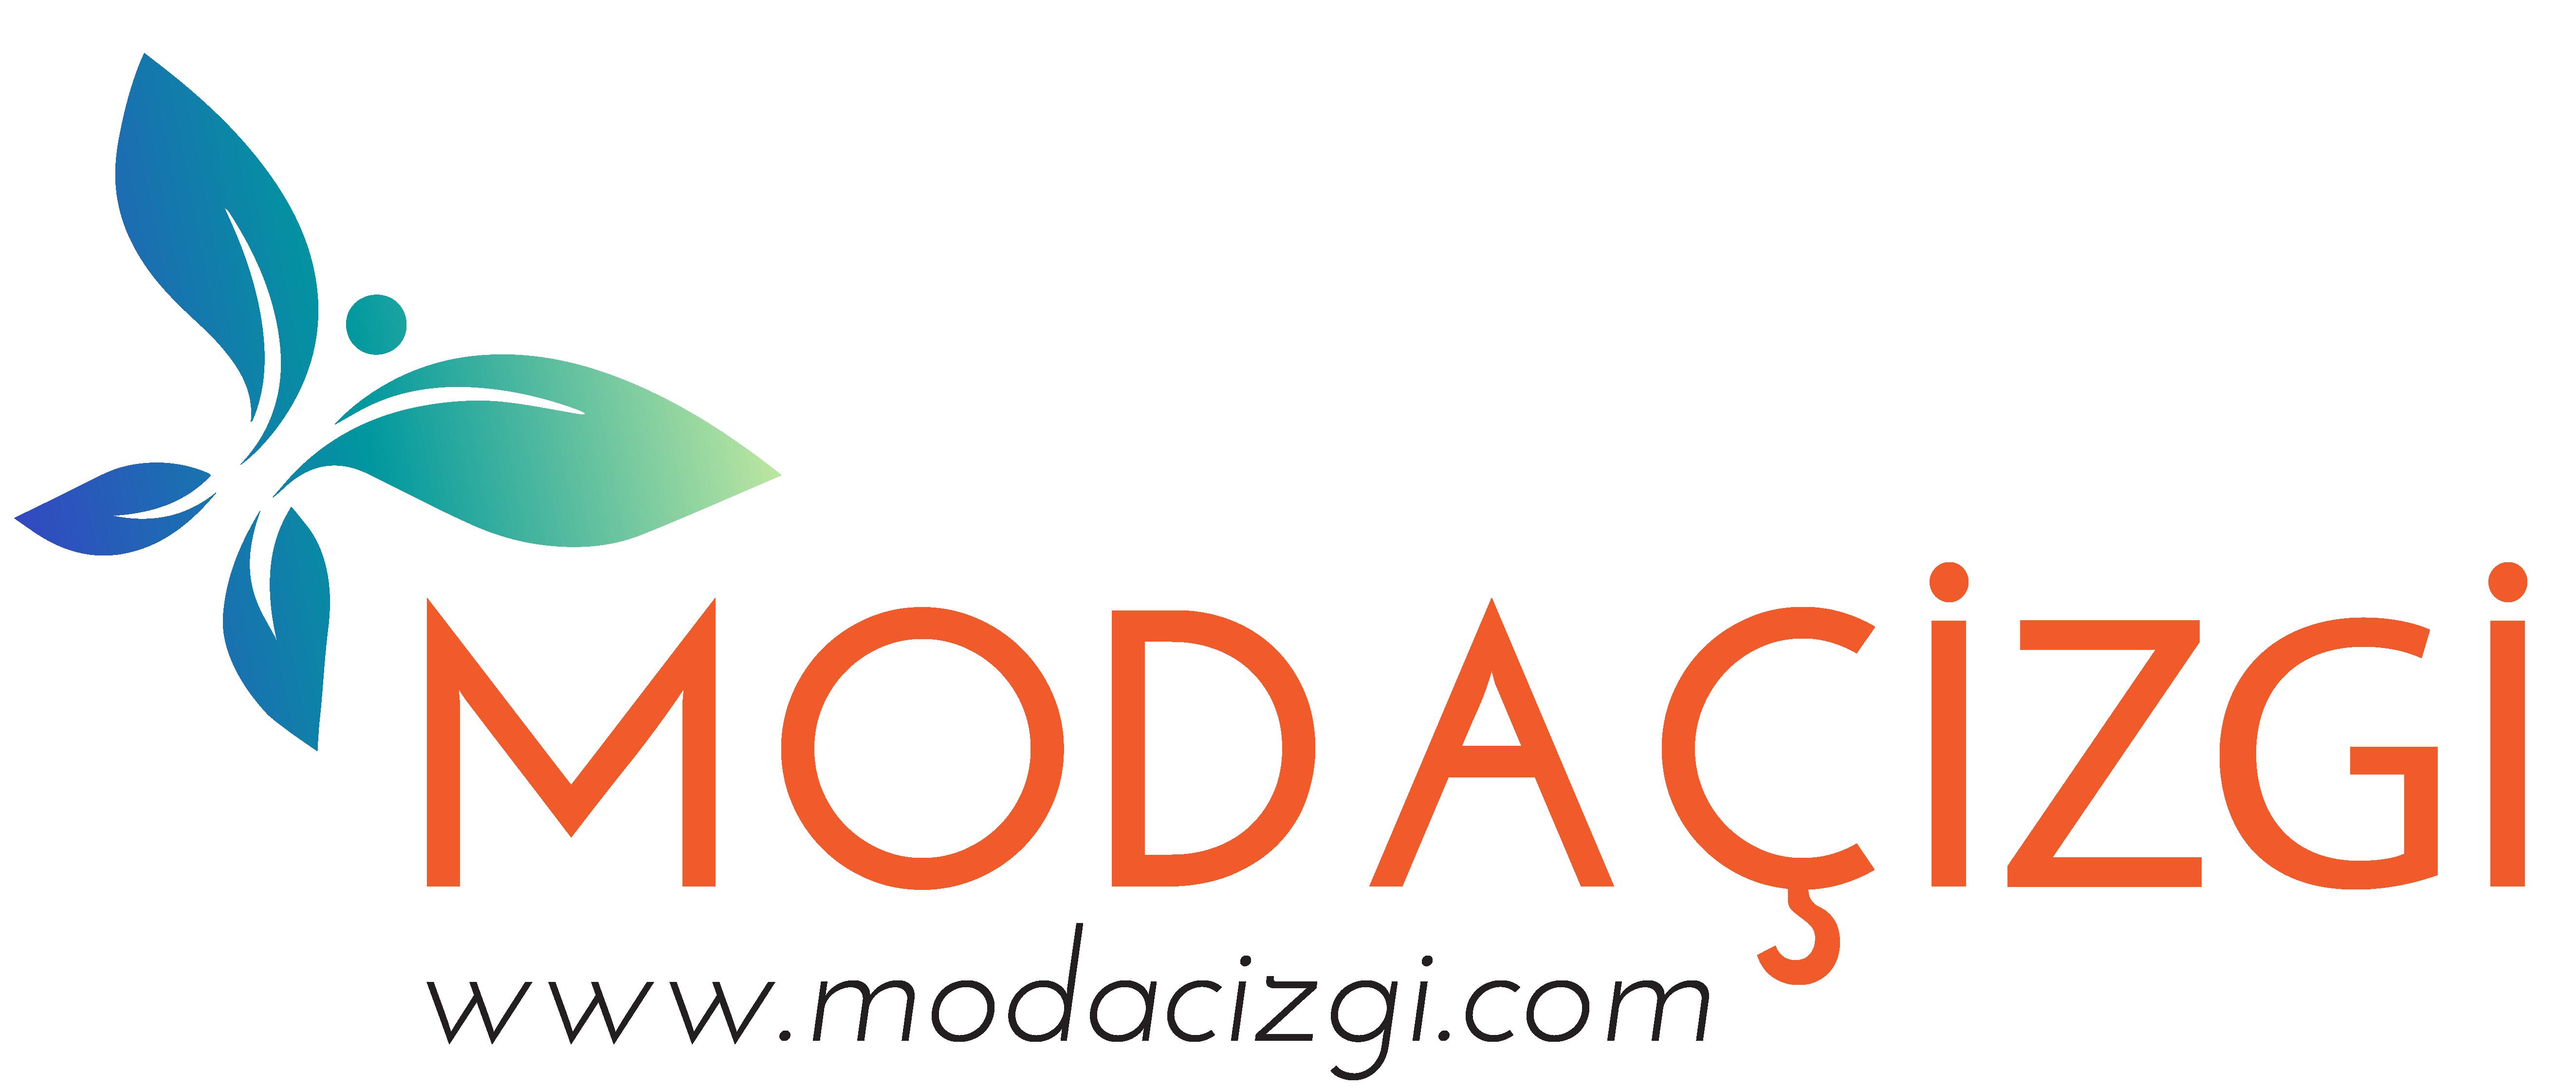 modaçizgilogo9-13.png (237 KB)